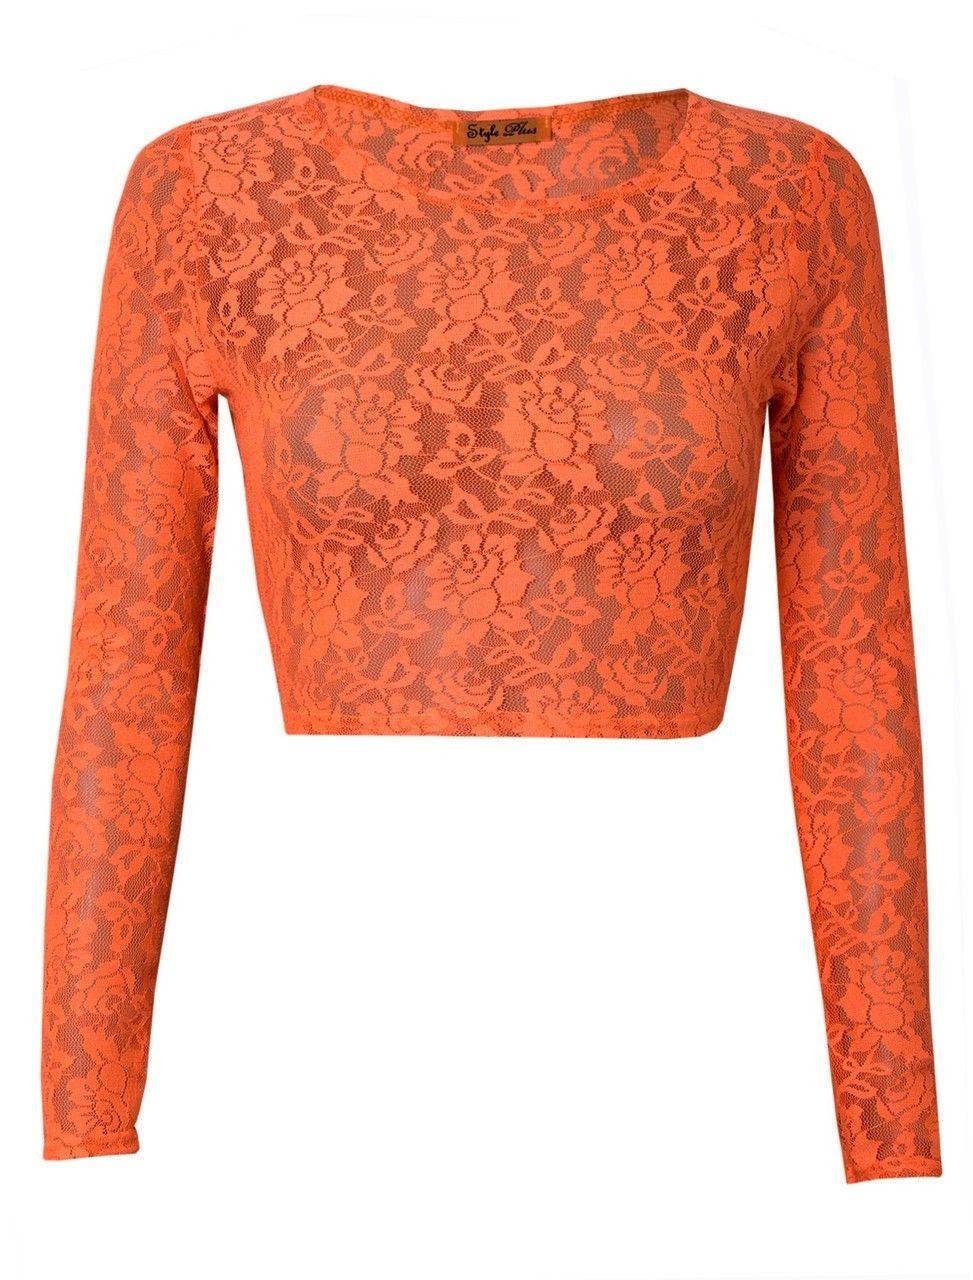 Venetia Boutique - Floral Lace Crop Top, $10.00 (http://www.veboutique.com/floral-lace-crop-top/)